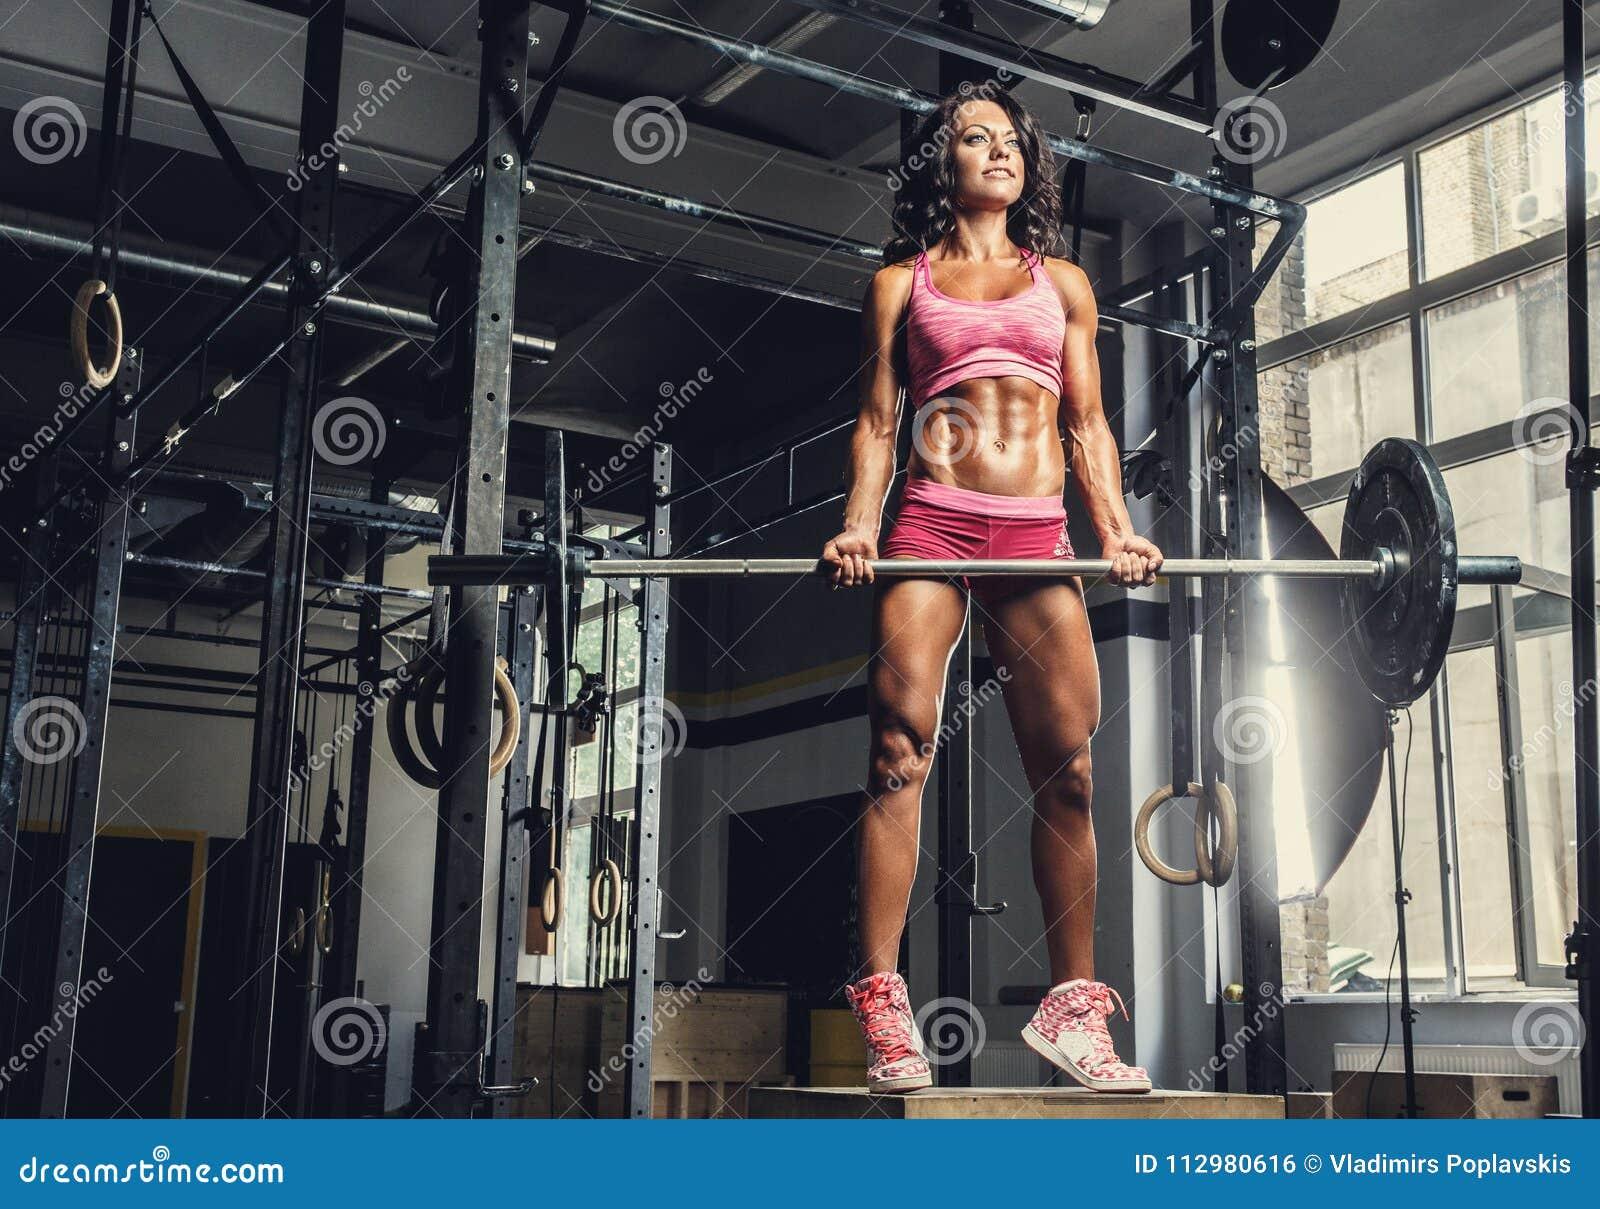 sporty female in pink sportswear holding barbell.